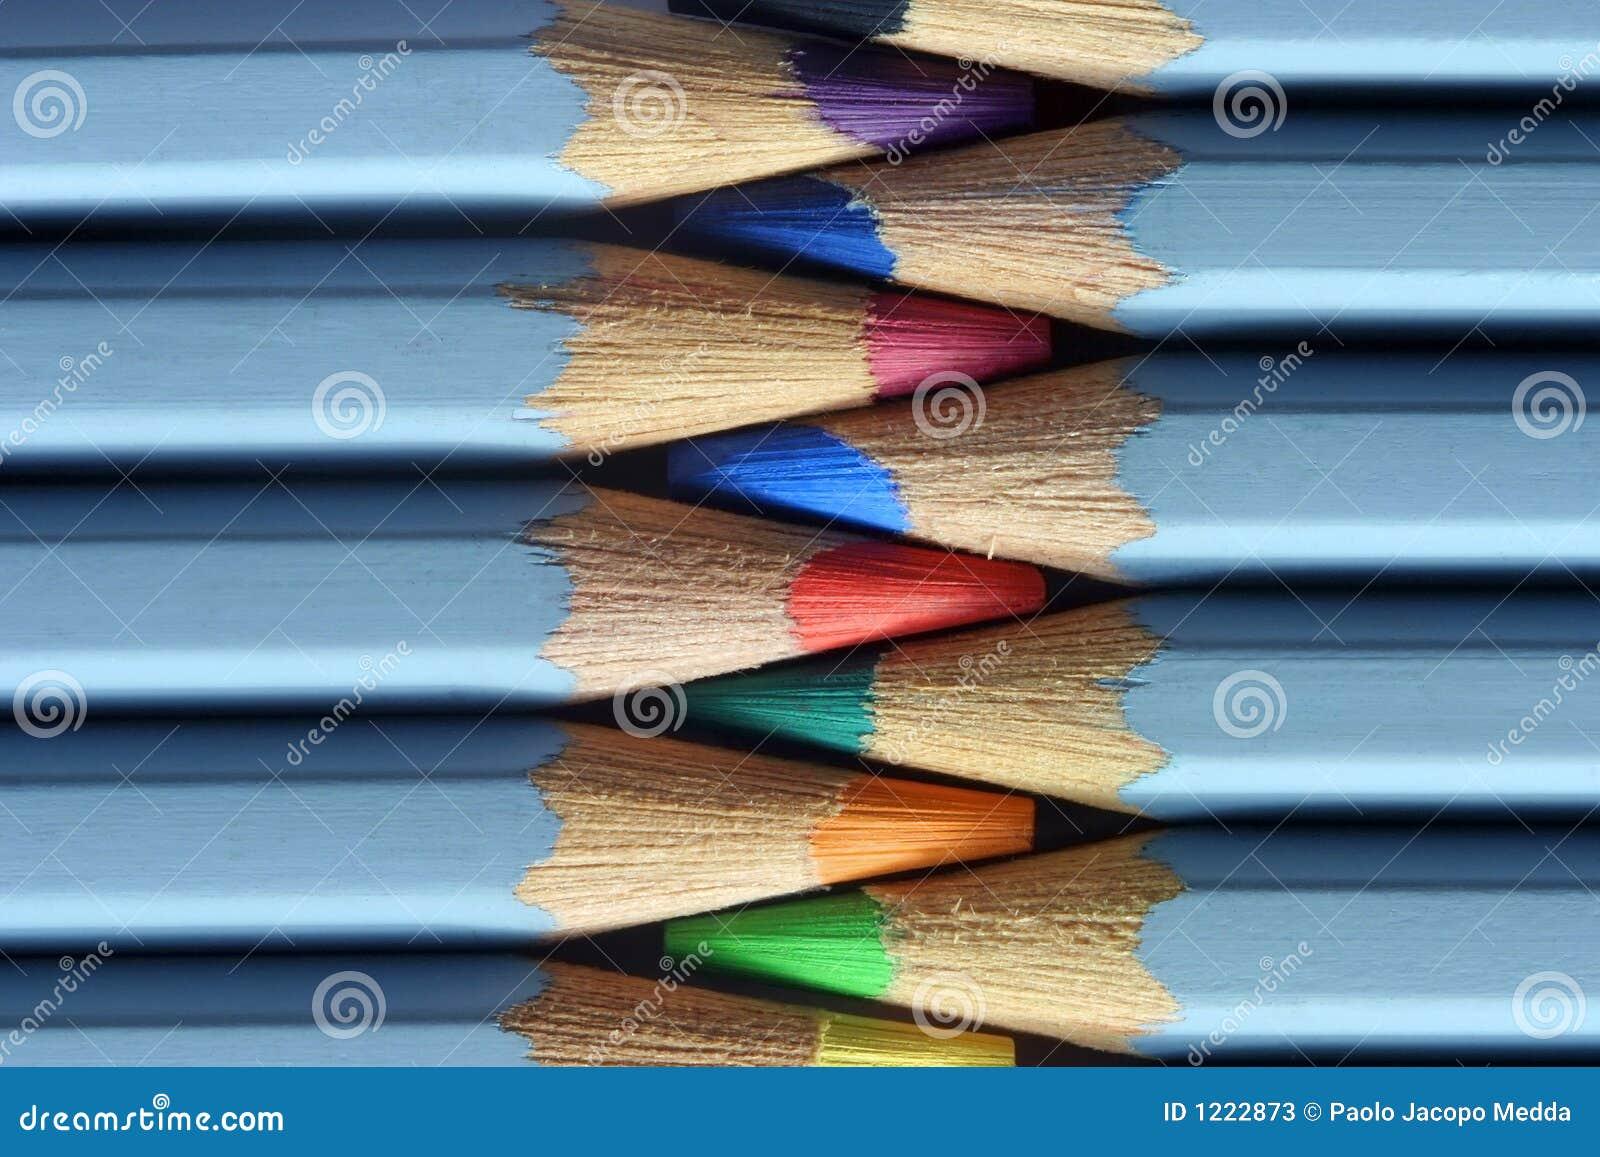 Farbige Bleistifte Makro